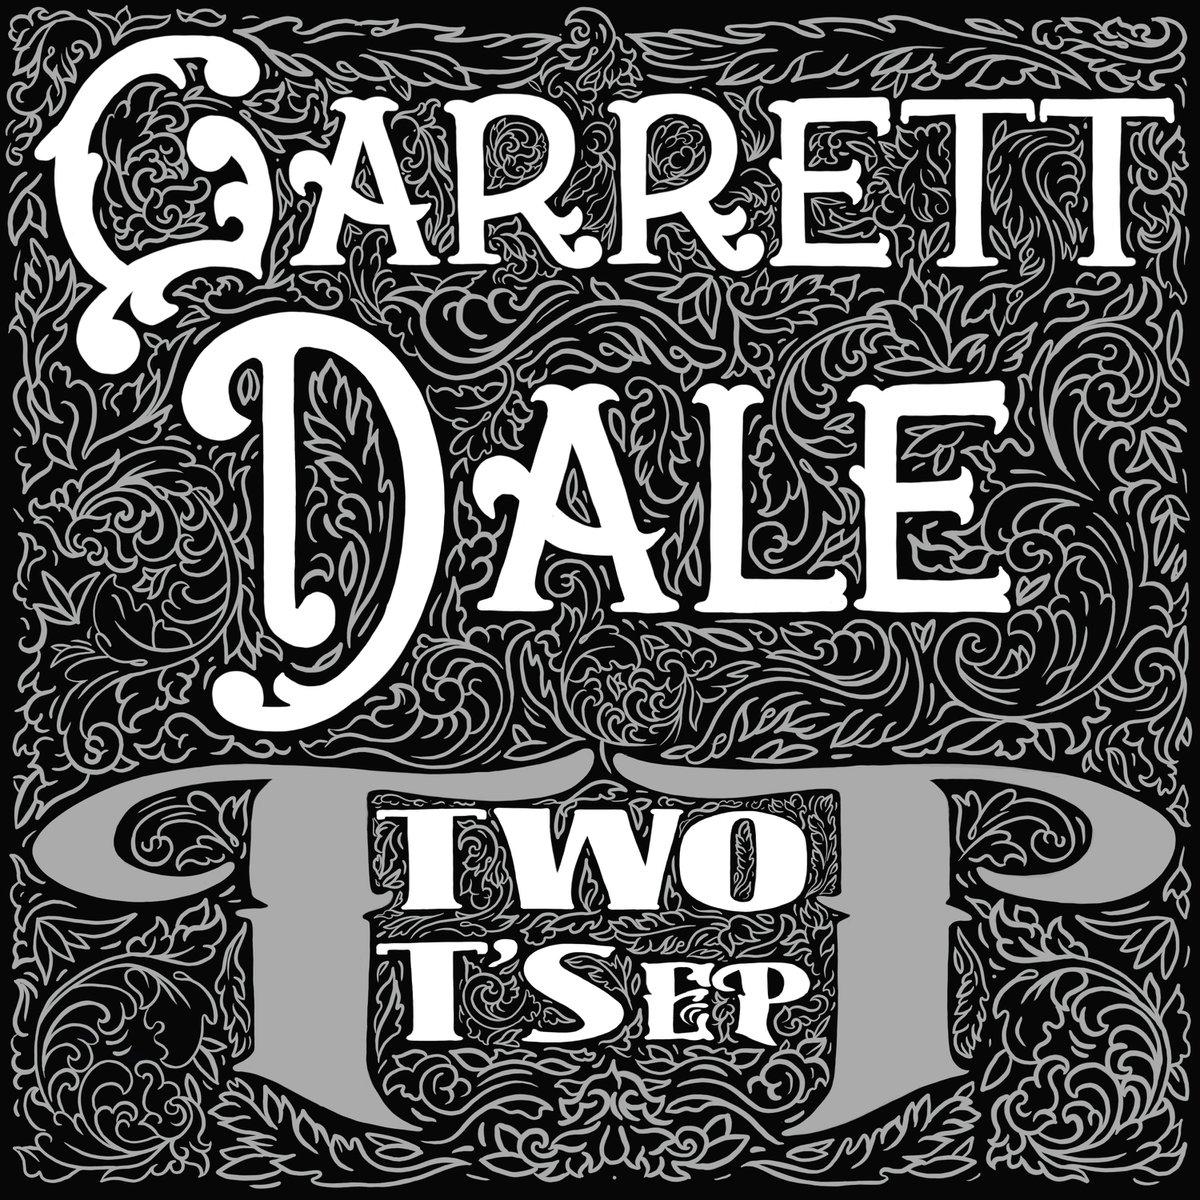 Garret Dale